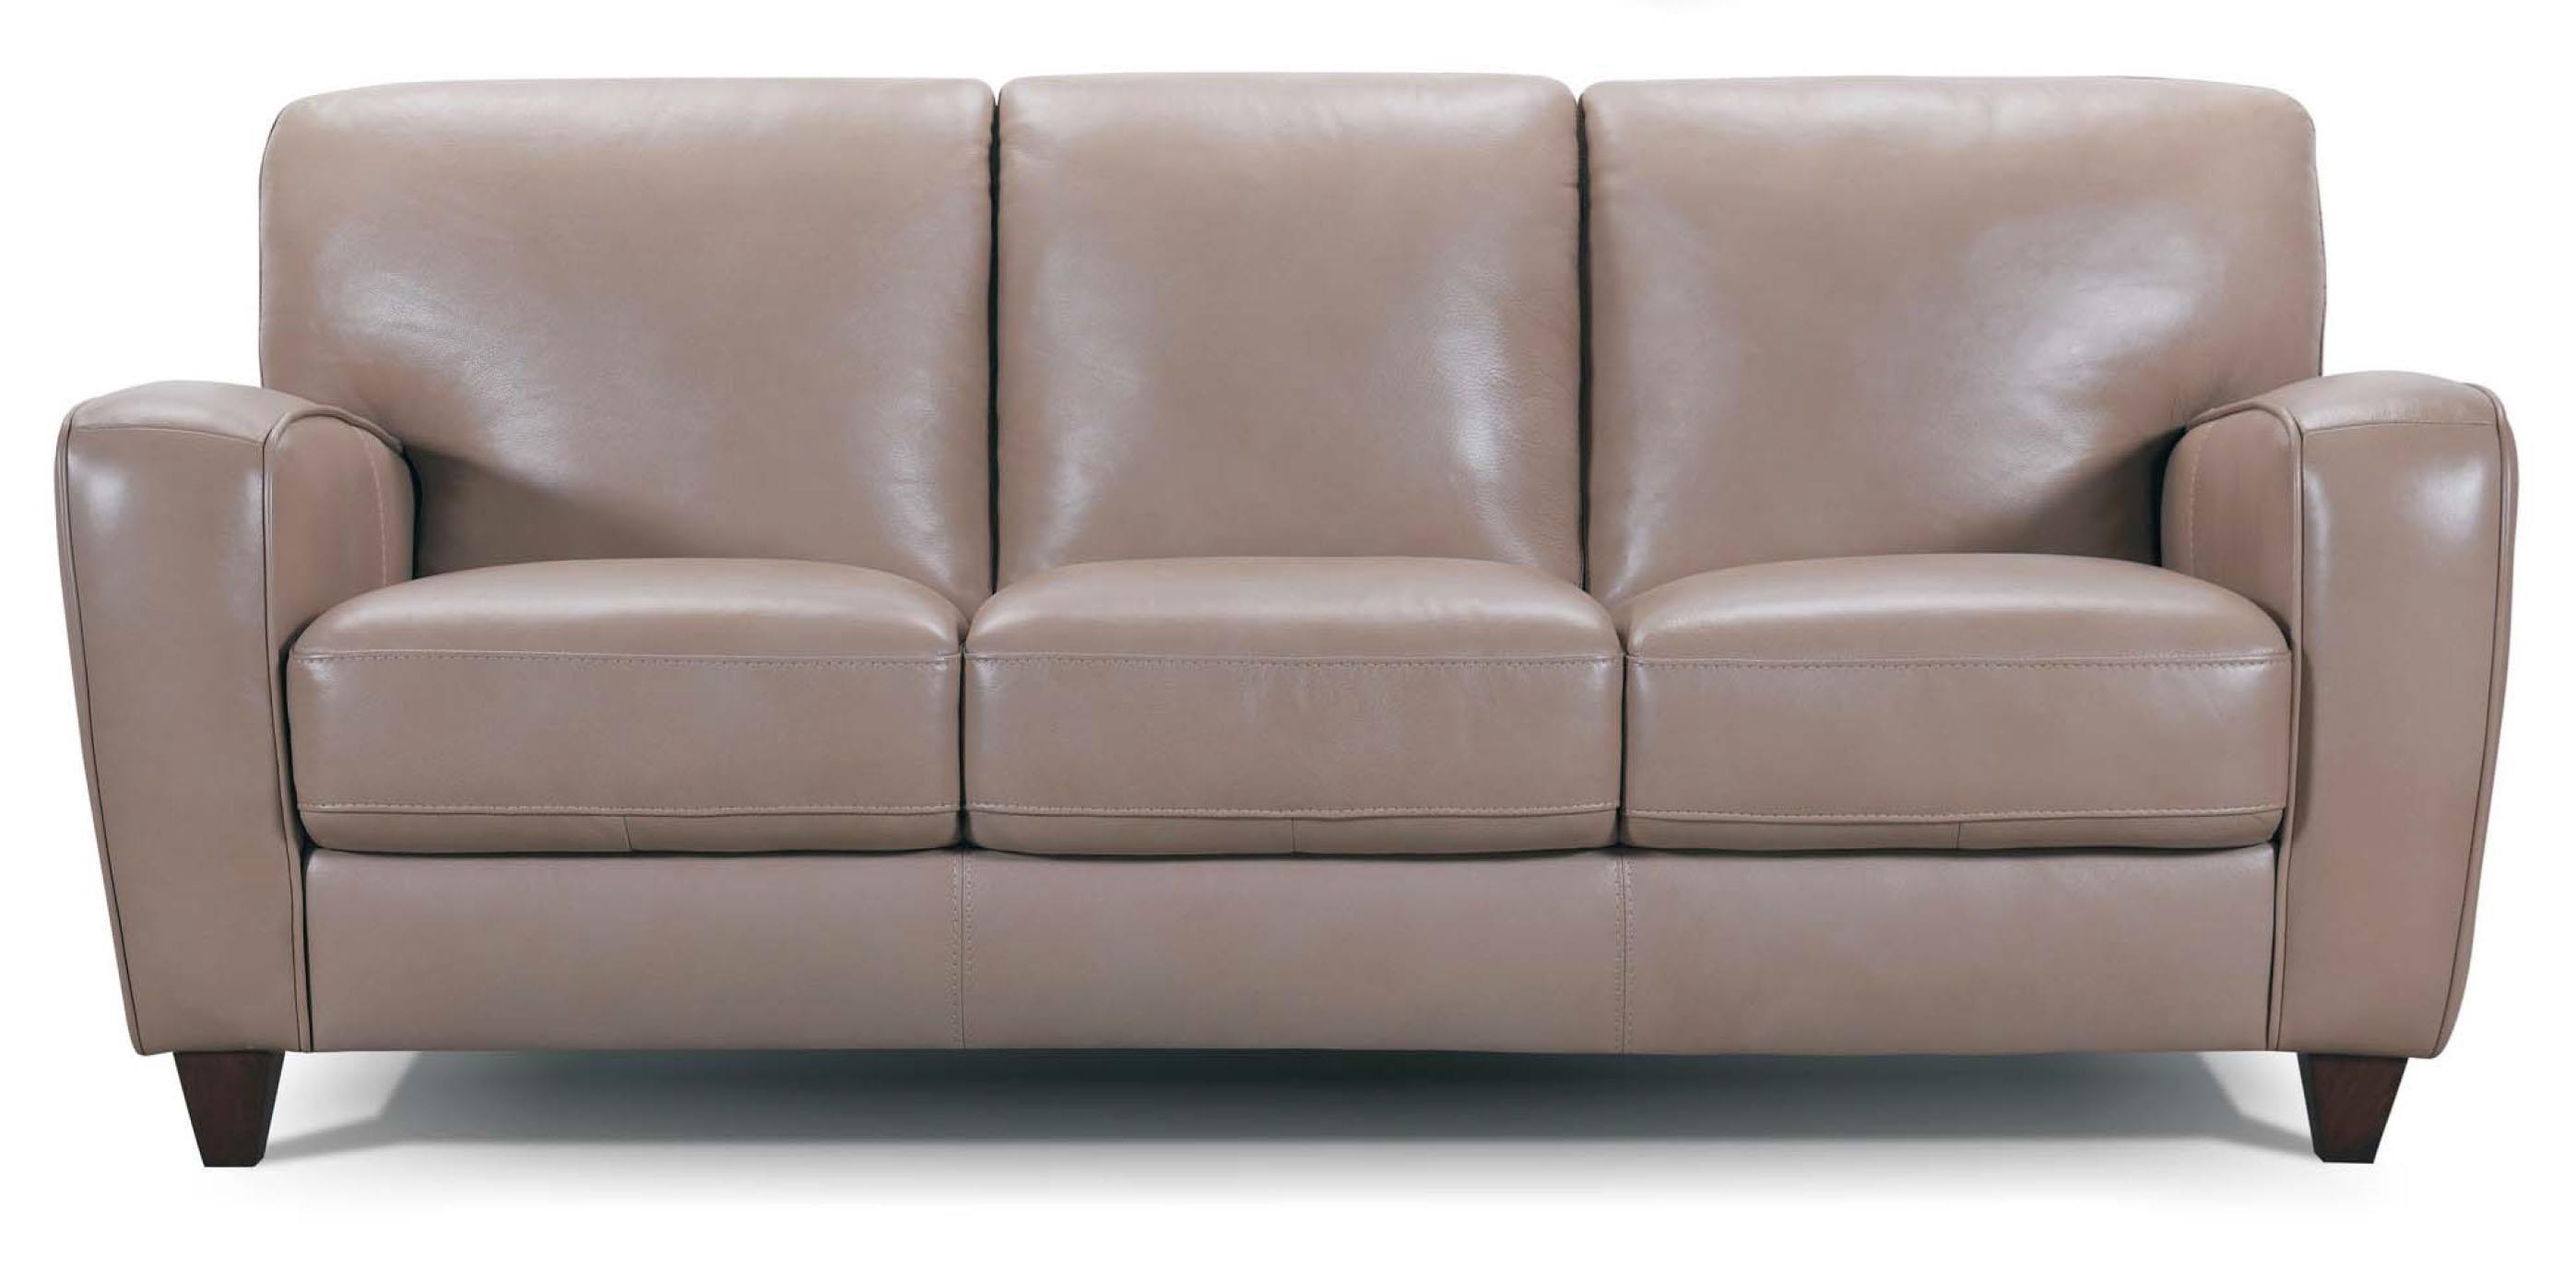 Track Arm Leather Sofa